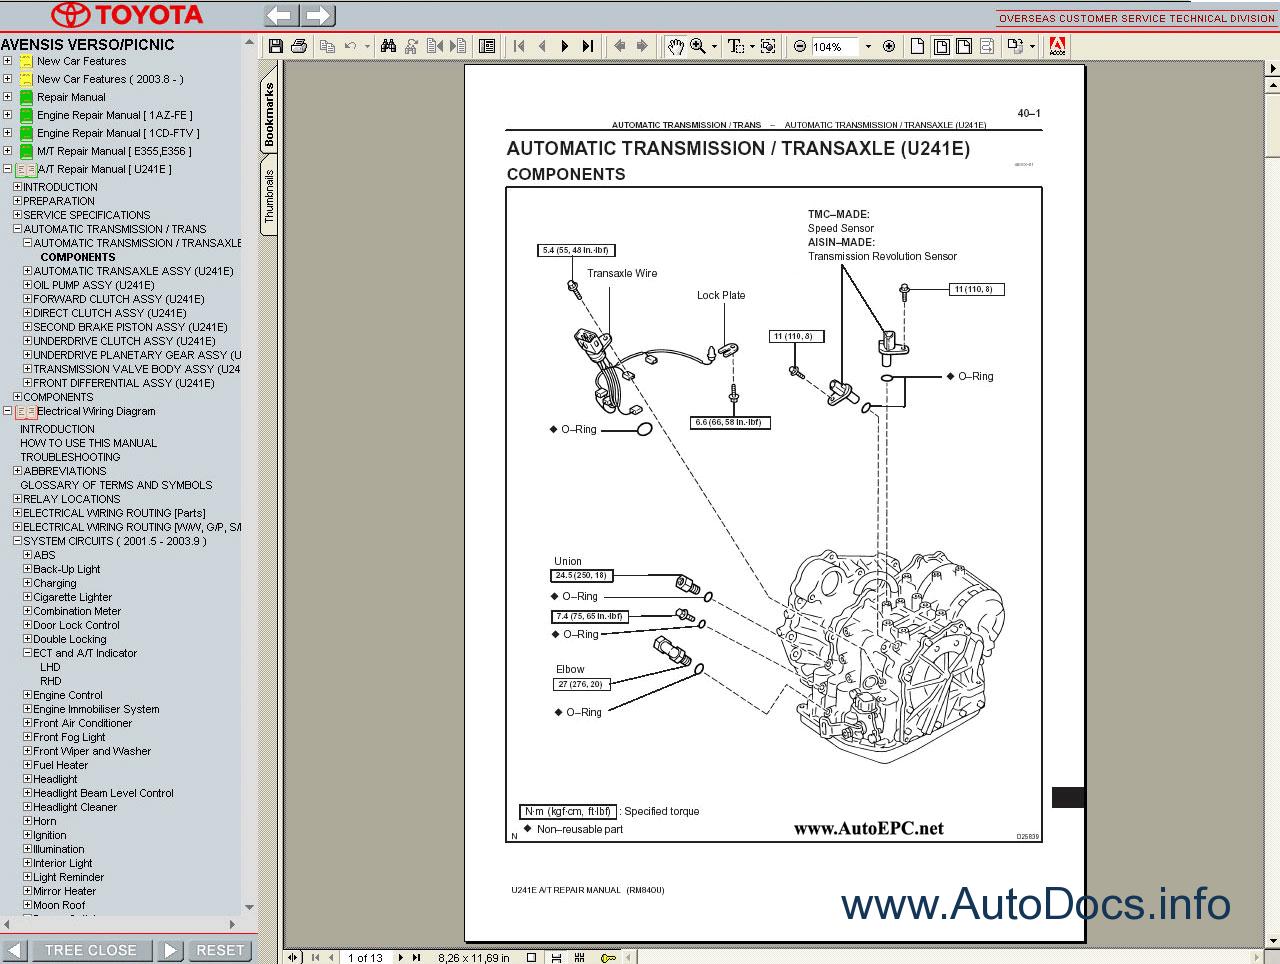 Toyota Avensis Verso    Picnic Service Manual Repair Manual